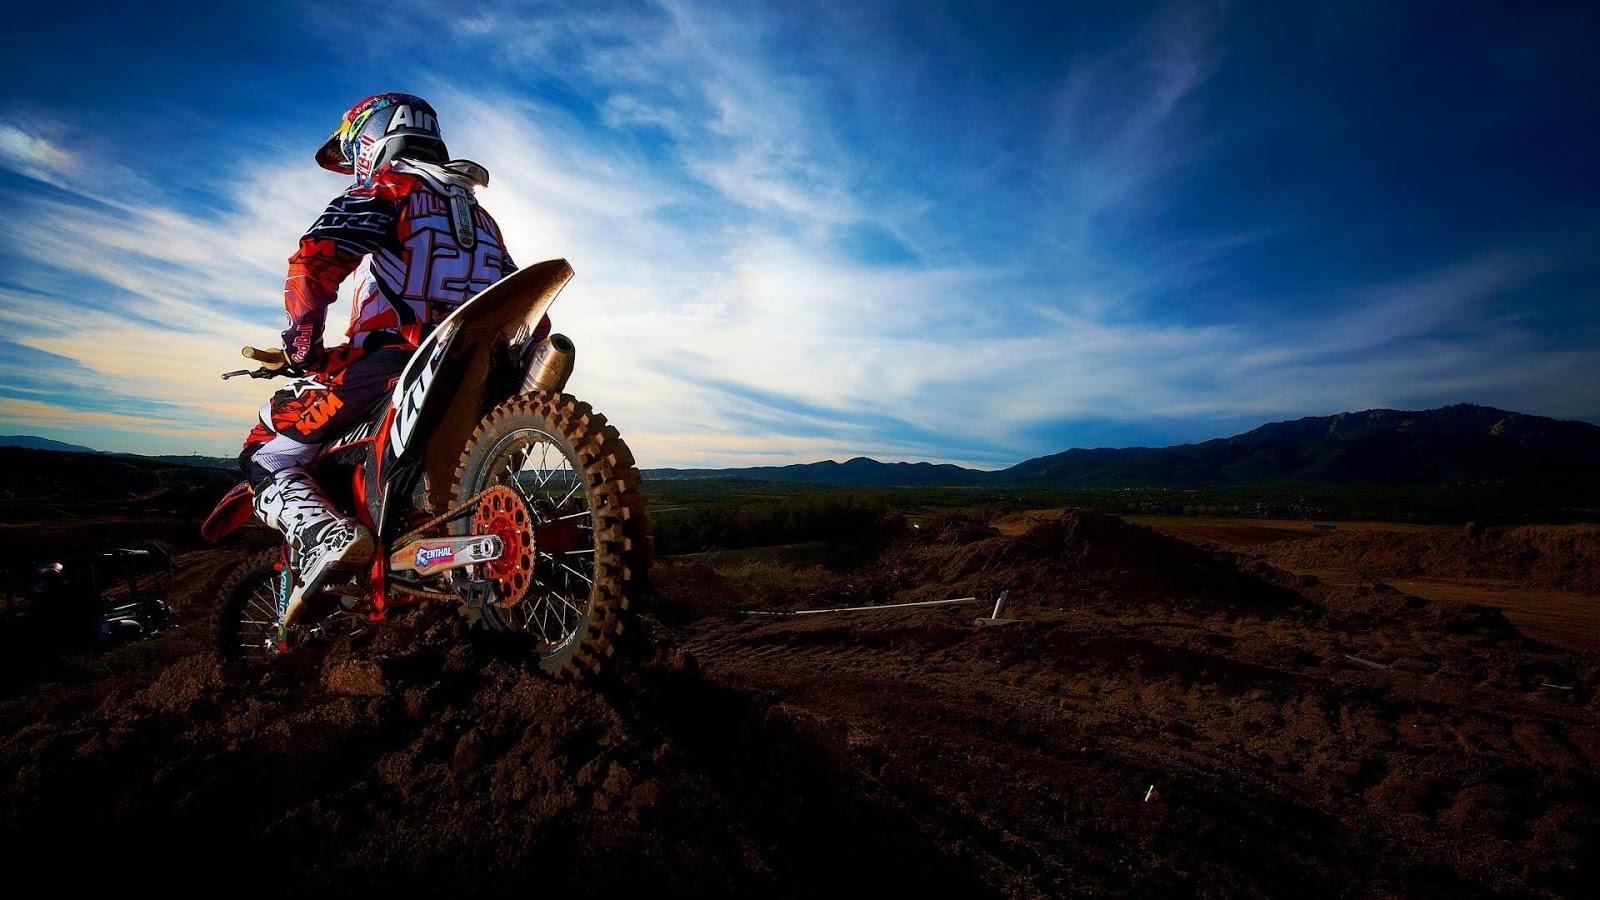 Fond d'écran moto cross KTM - Fonds d'écran HD